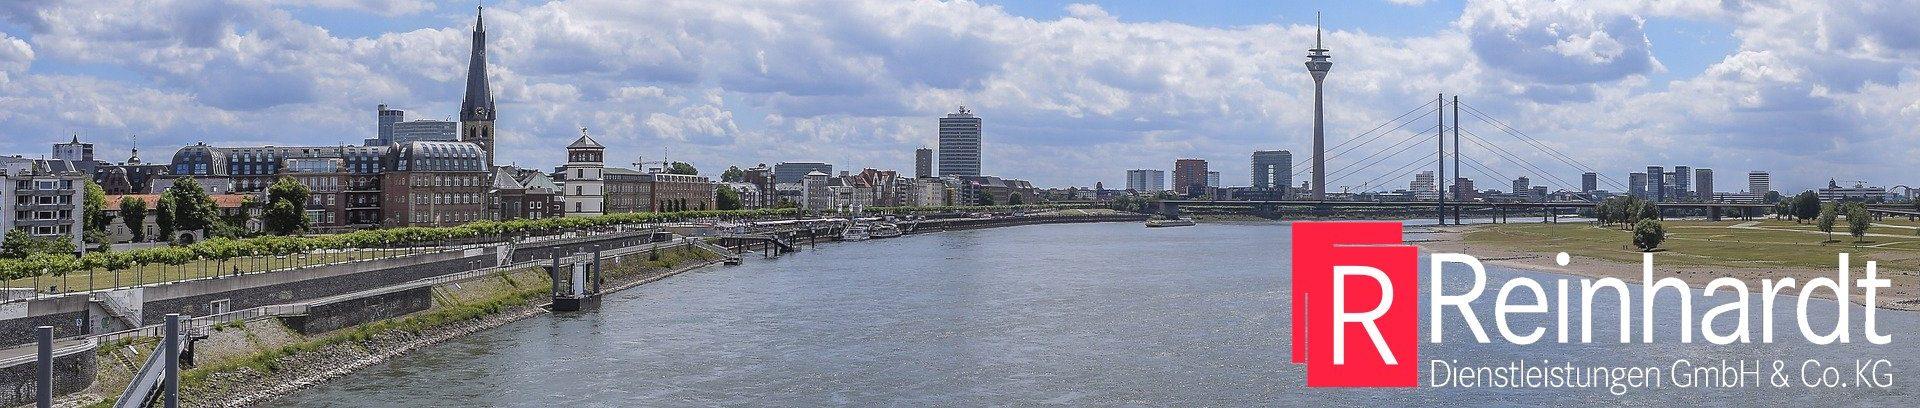 Reinhardt-Dienstleistungen Düsseldorf